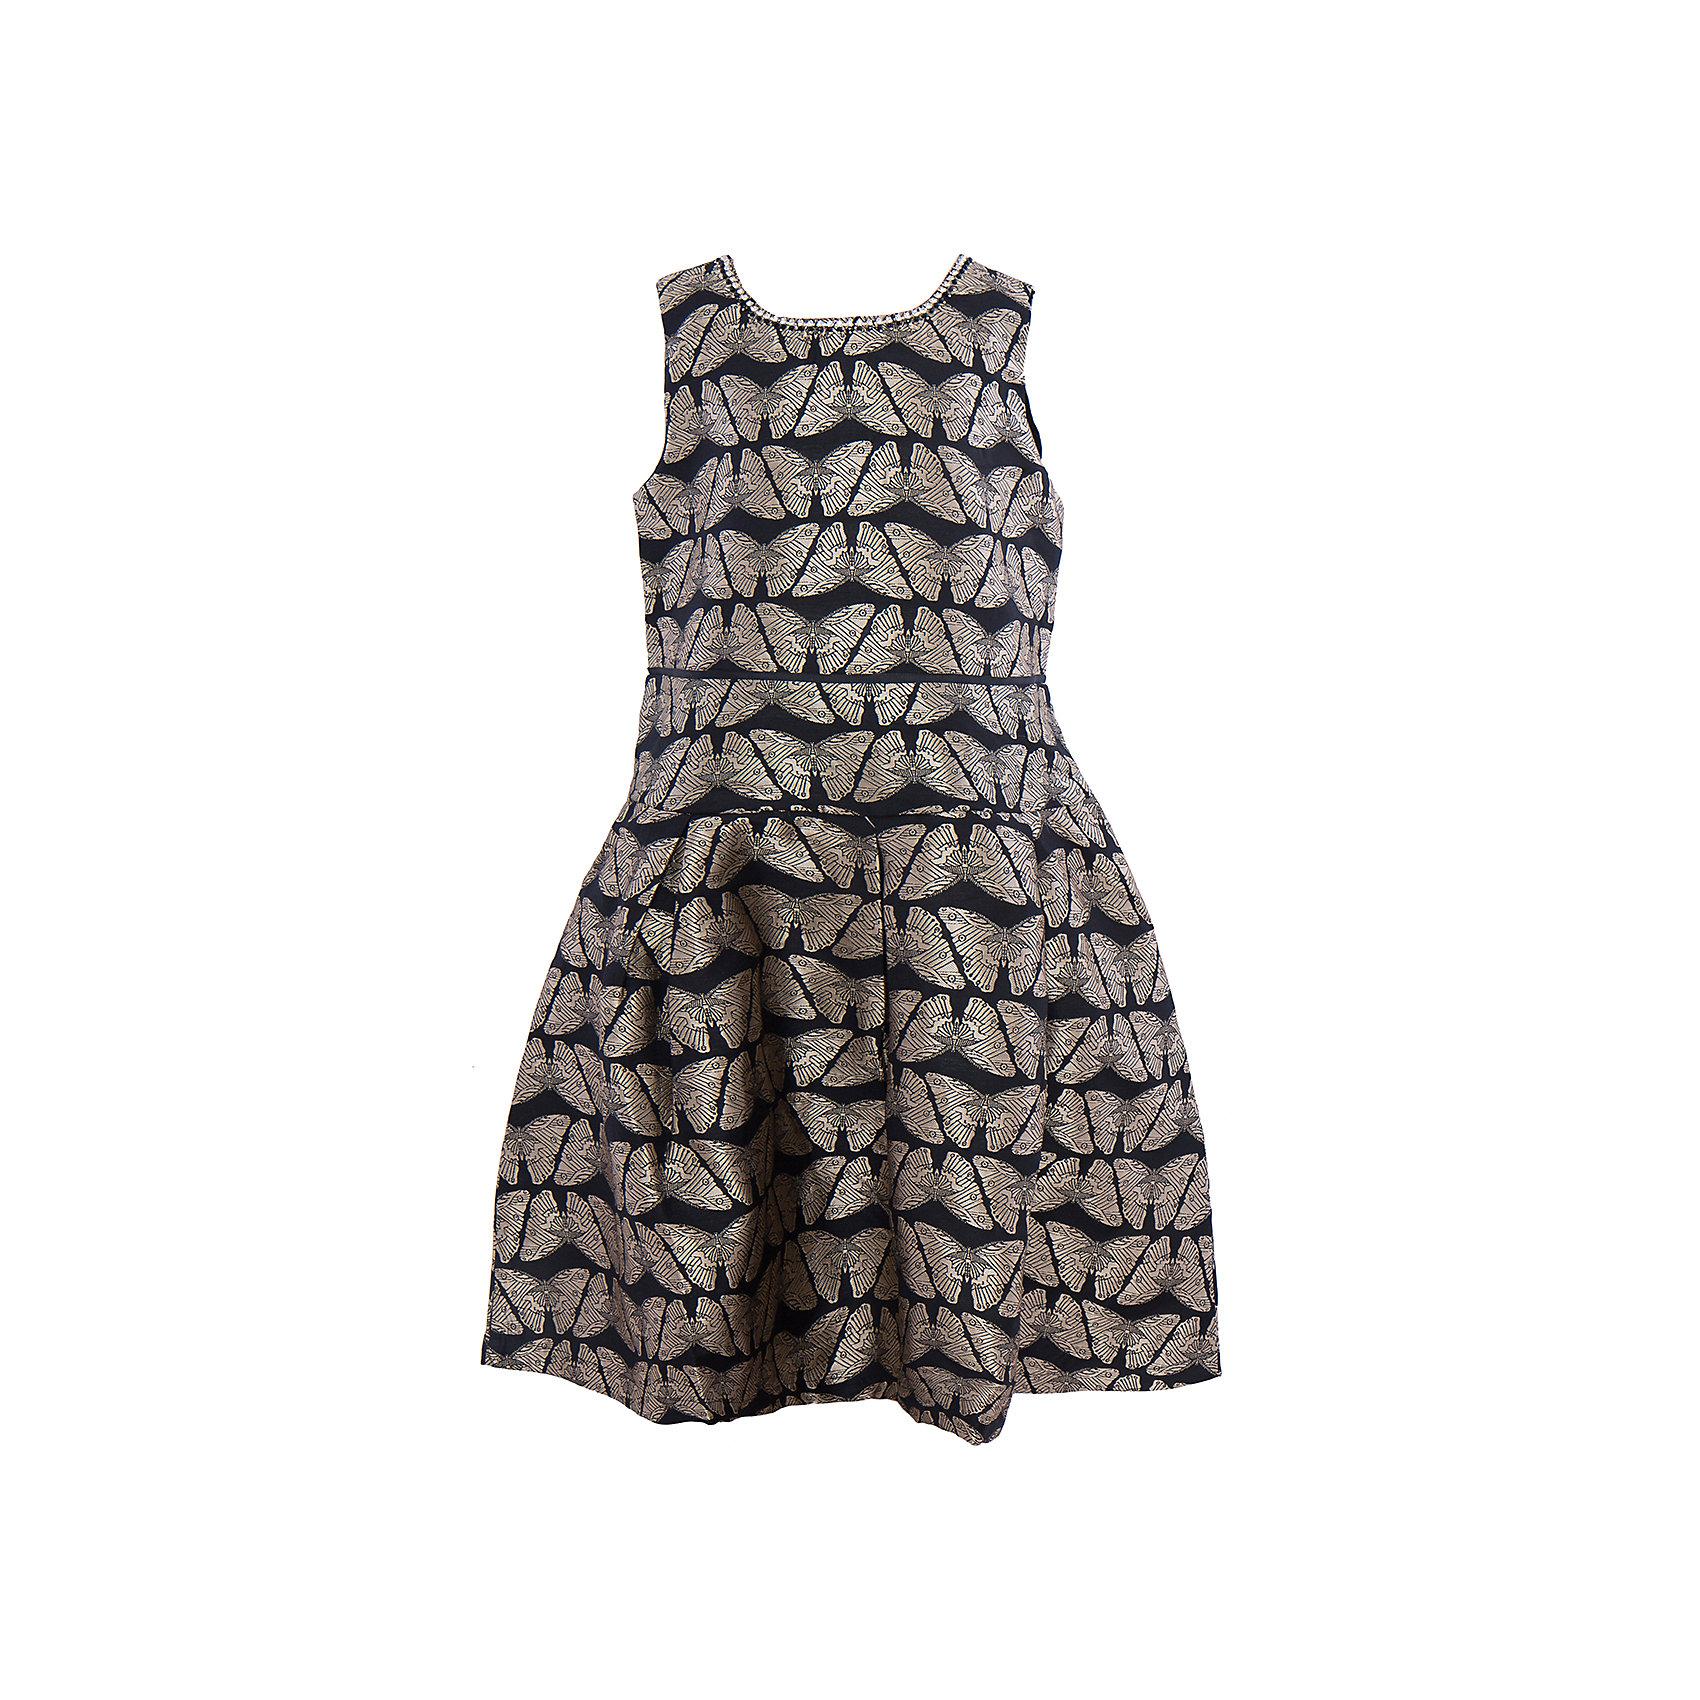 Нарядное платье для девочки LuminosoОдежда<br>Характеристики:<br><br>• Вид одежды: платье<br>• Предназначение: для праздника, для торжеств<br>• Сезон: круглый год<br>• Материал: верх – 70% полиэстер, 30% хлопок; подкладка – 100% хлопок<br>• Цвет: черный, золотой<br>• Силуэт: А стиль<br>• Длина платья: миди<br>• Вырез горловины: круглый, декорированный стразами<br>• Застежка: молния на спинке<br>• Особенности ухода: ручная стирка без применения отбеливающих средств, глажение при низкой температуре <br><br>Luminoso – это коллекция от известного производителя Sweet Berry, который сочетает в своей одежде функциональность, качество, стиль и следование современным мировым тенденциям в текстильной индустрии для подростков. <br>Стильное праздничное платье для девочки от знаменитого производителя детской одежды Luminoso выполнено из сочетания полиэстера с подкладкой из натурального хлопка. Платье классического А силуэта, отрезное по талии, юбка чуть присборена. У изделия круглая горловина, декорированная стразами. Дизайн ткани, из которого выполнено платье, представляет собой жаккардовый рисунок в форме золотистых бабочек. На спинке имеется застежка-молния до талии. Одежда от Luminoso – это залог успеха вашего ребенка на любом празднике иди торжестве!<br><br>Платье для девочки Luminoso можно купить в нашем интернет-магазине.<br><br>Ширина мм: 236<br>Глубина мм: 16<br>Высота мм: 184<br>Вес г: 177<br>Цвет: черный<br>Возраст от месяцев: 108<br>Возраст до месяцев: 120<br>Пол: Женский<br>Возраст: Детский<br>Размер: 140,134,164,158,152,146<br>SKU: 5052000